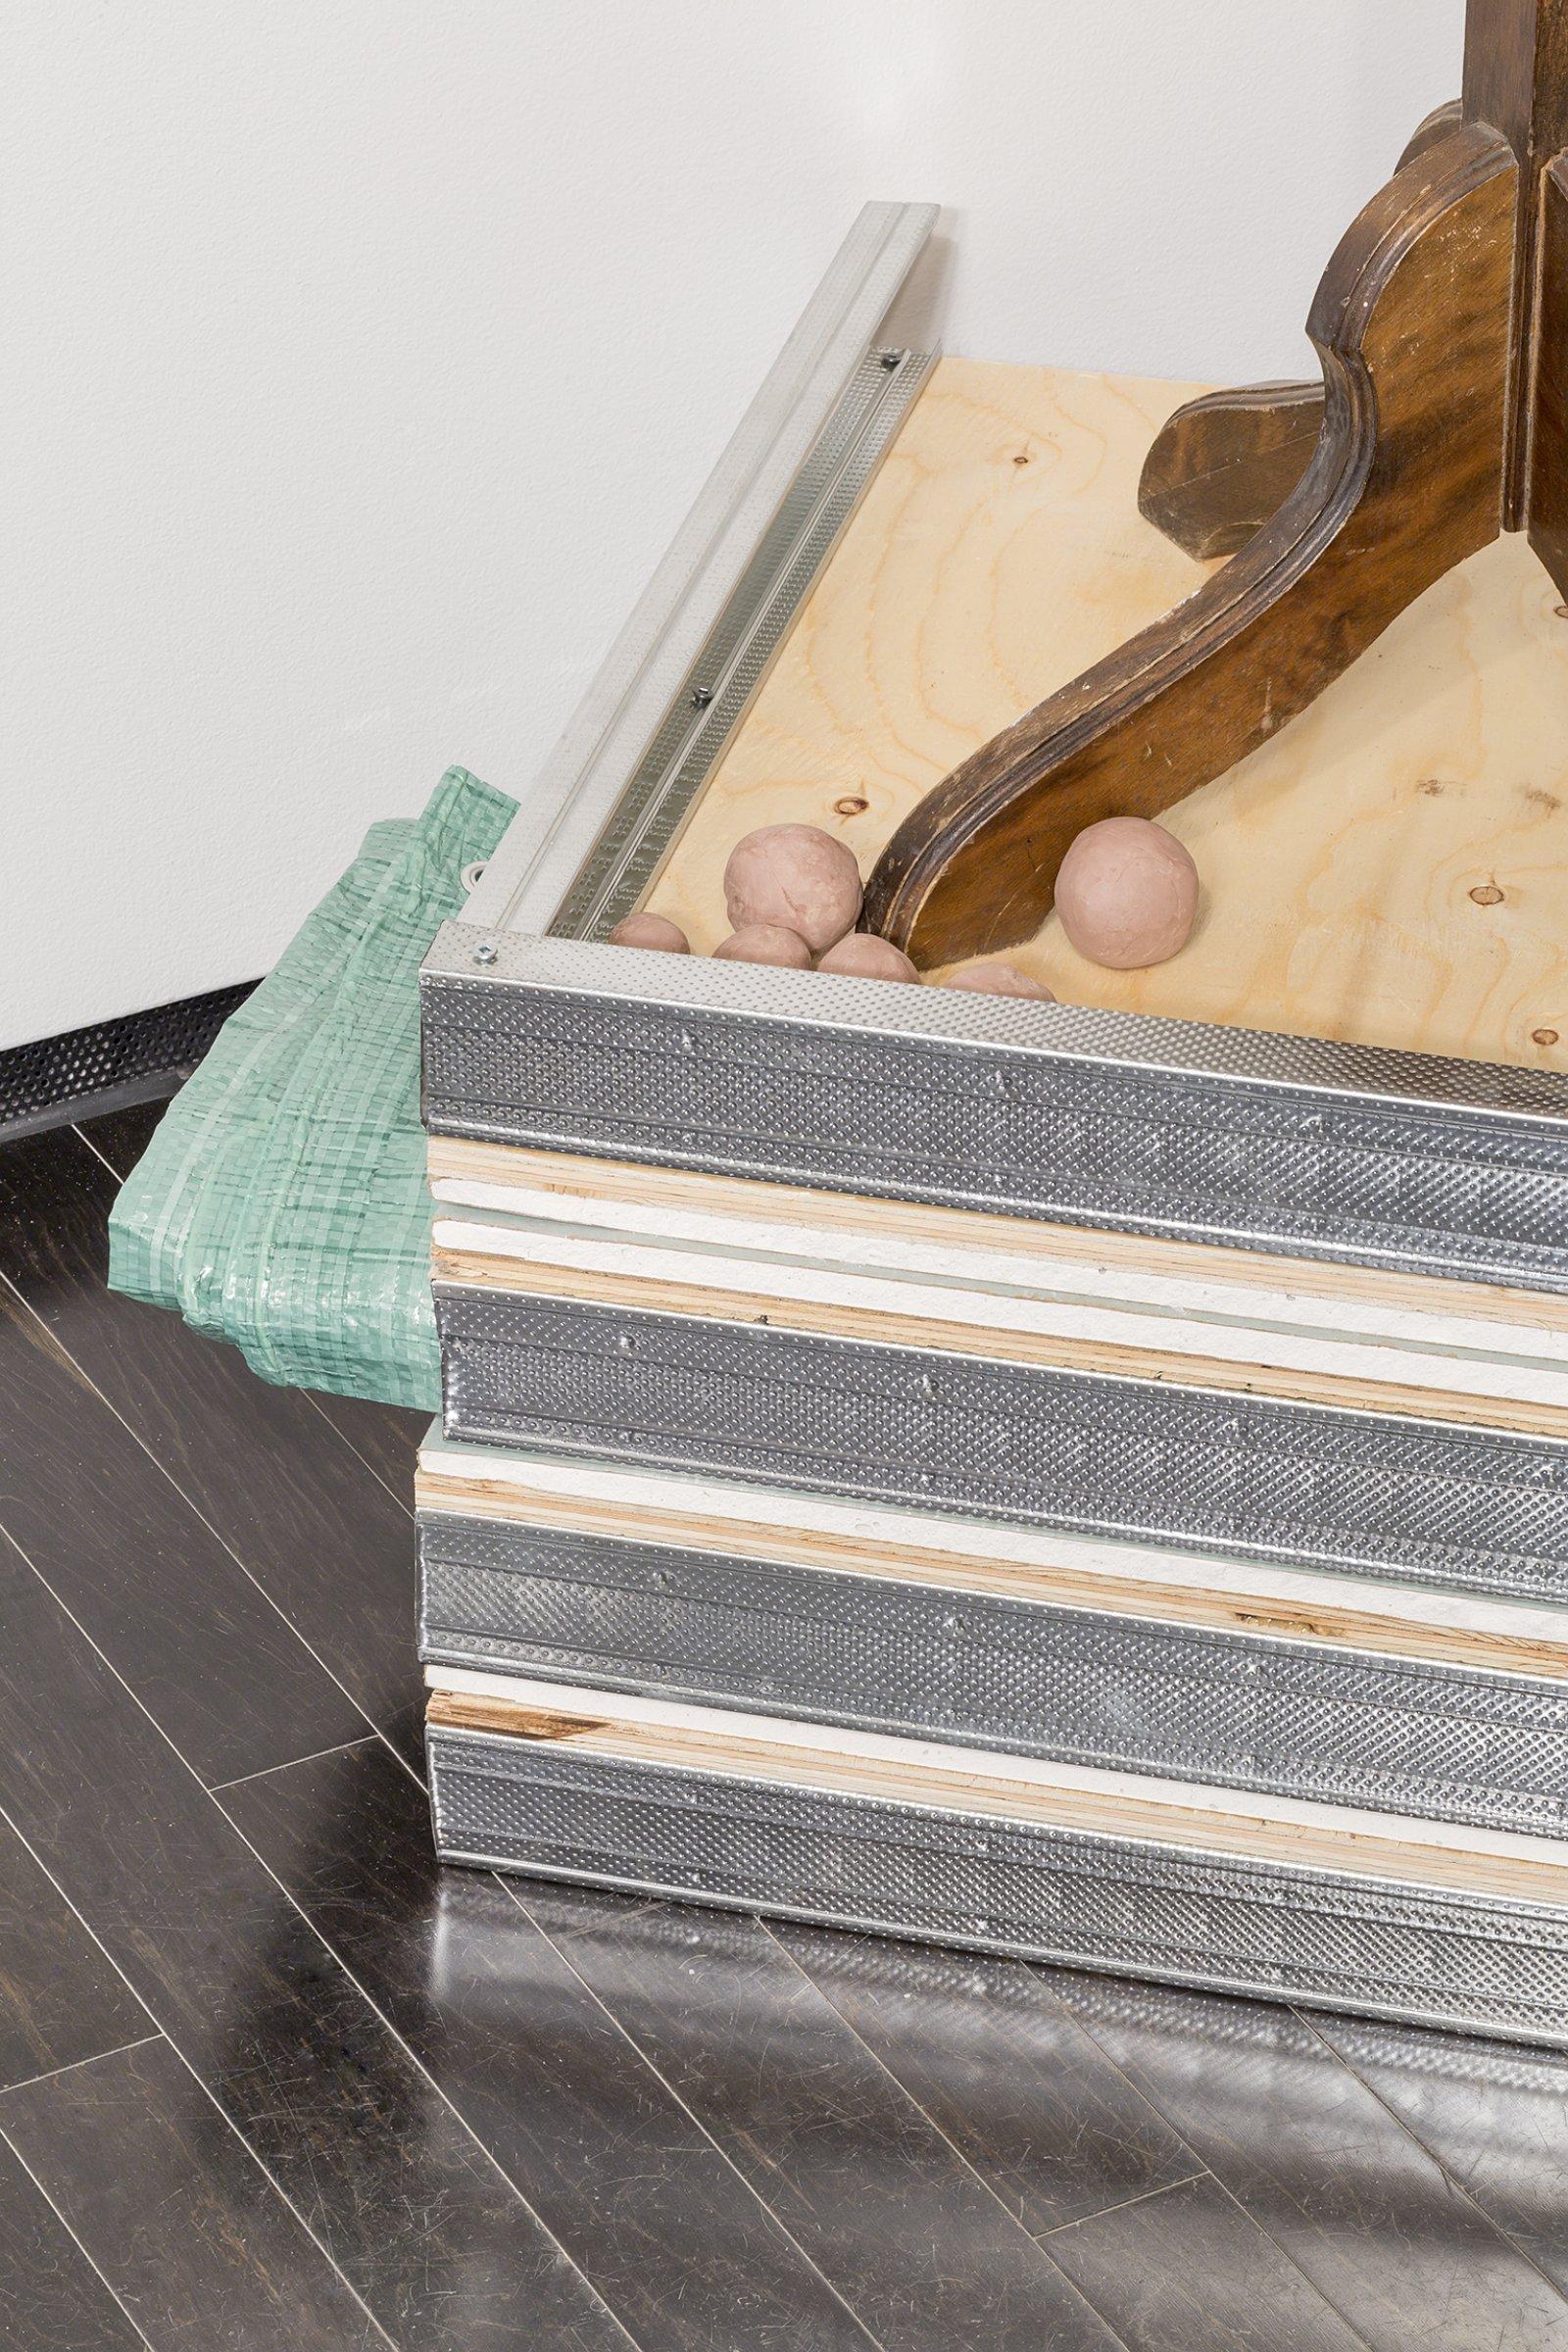 Duane Linklater,Flock(detail),2016, wool tapestry, coat hanger, steel vice, dimensions variable